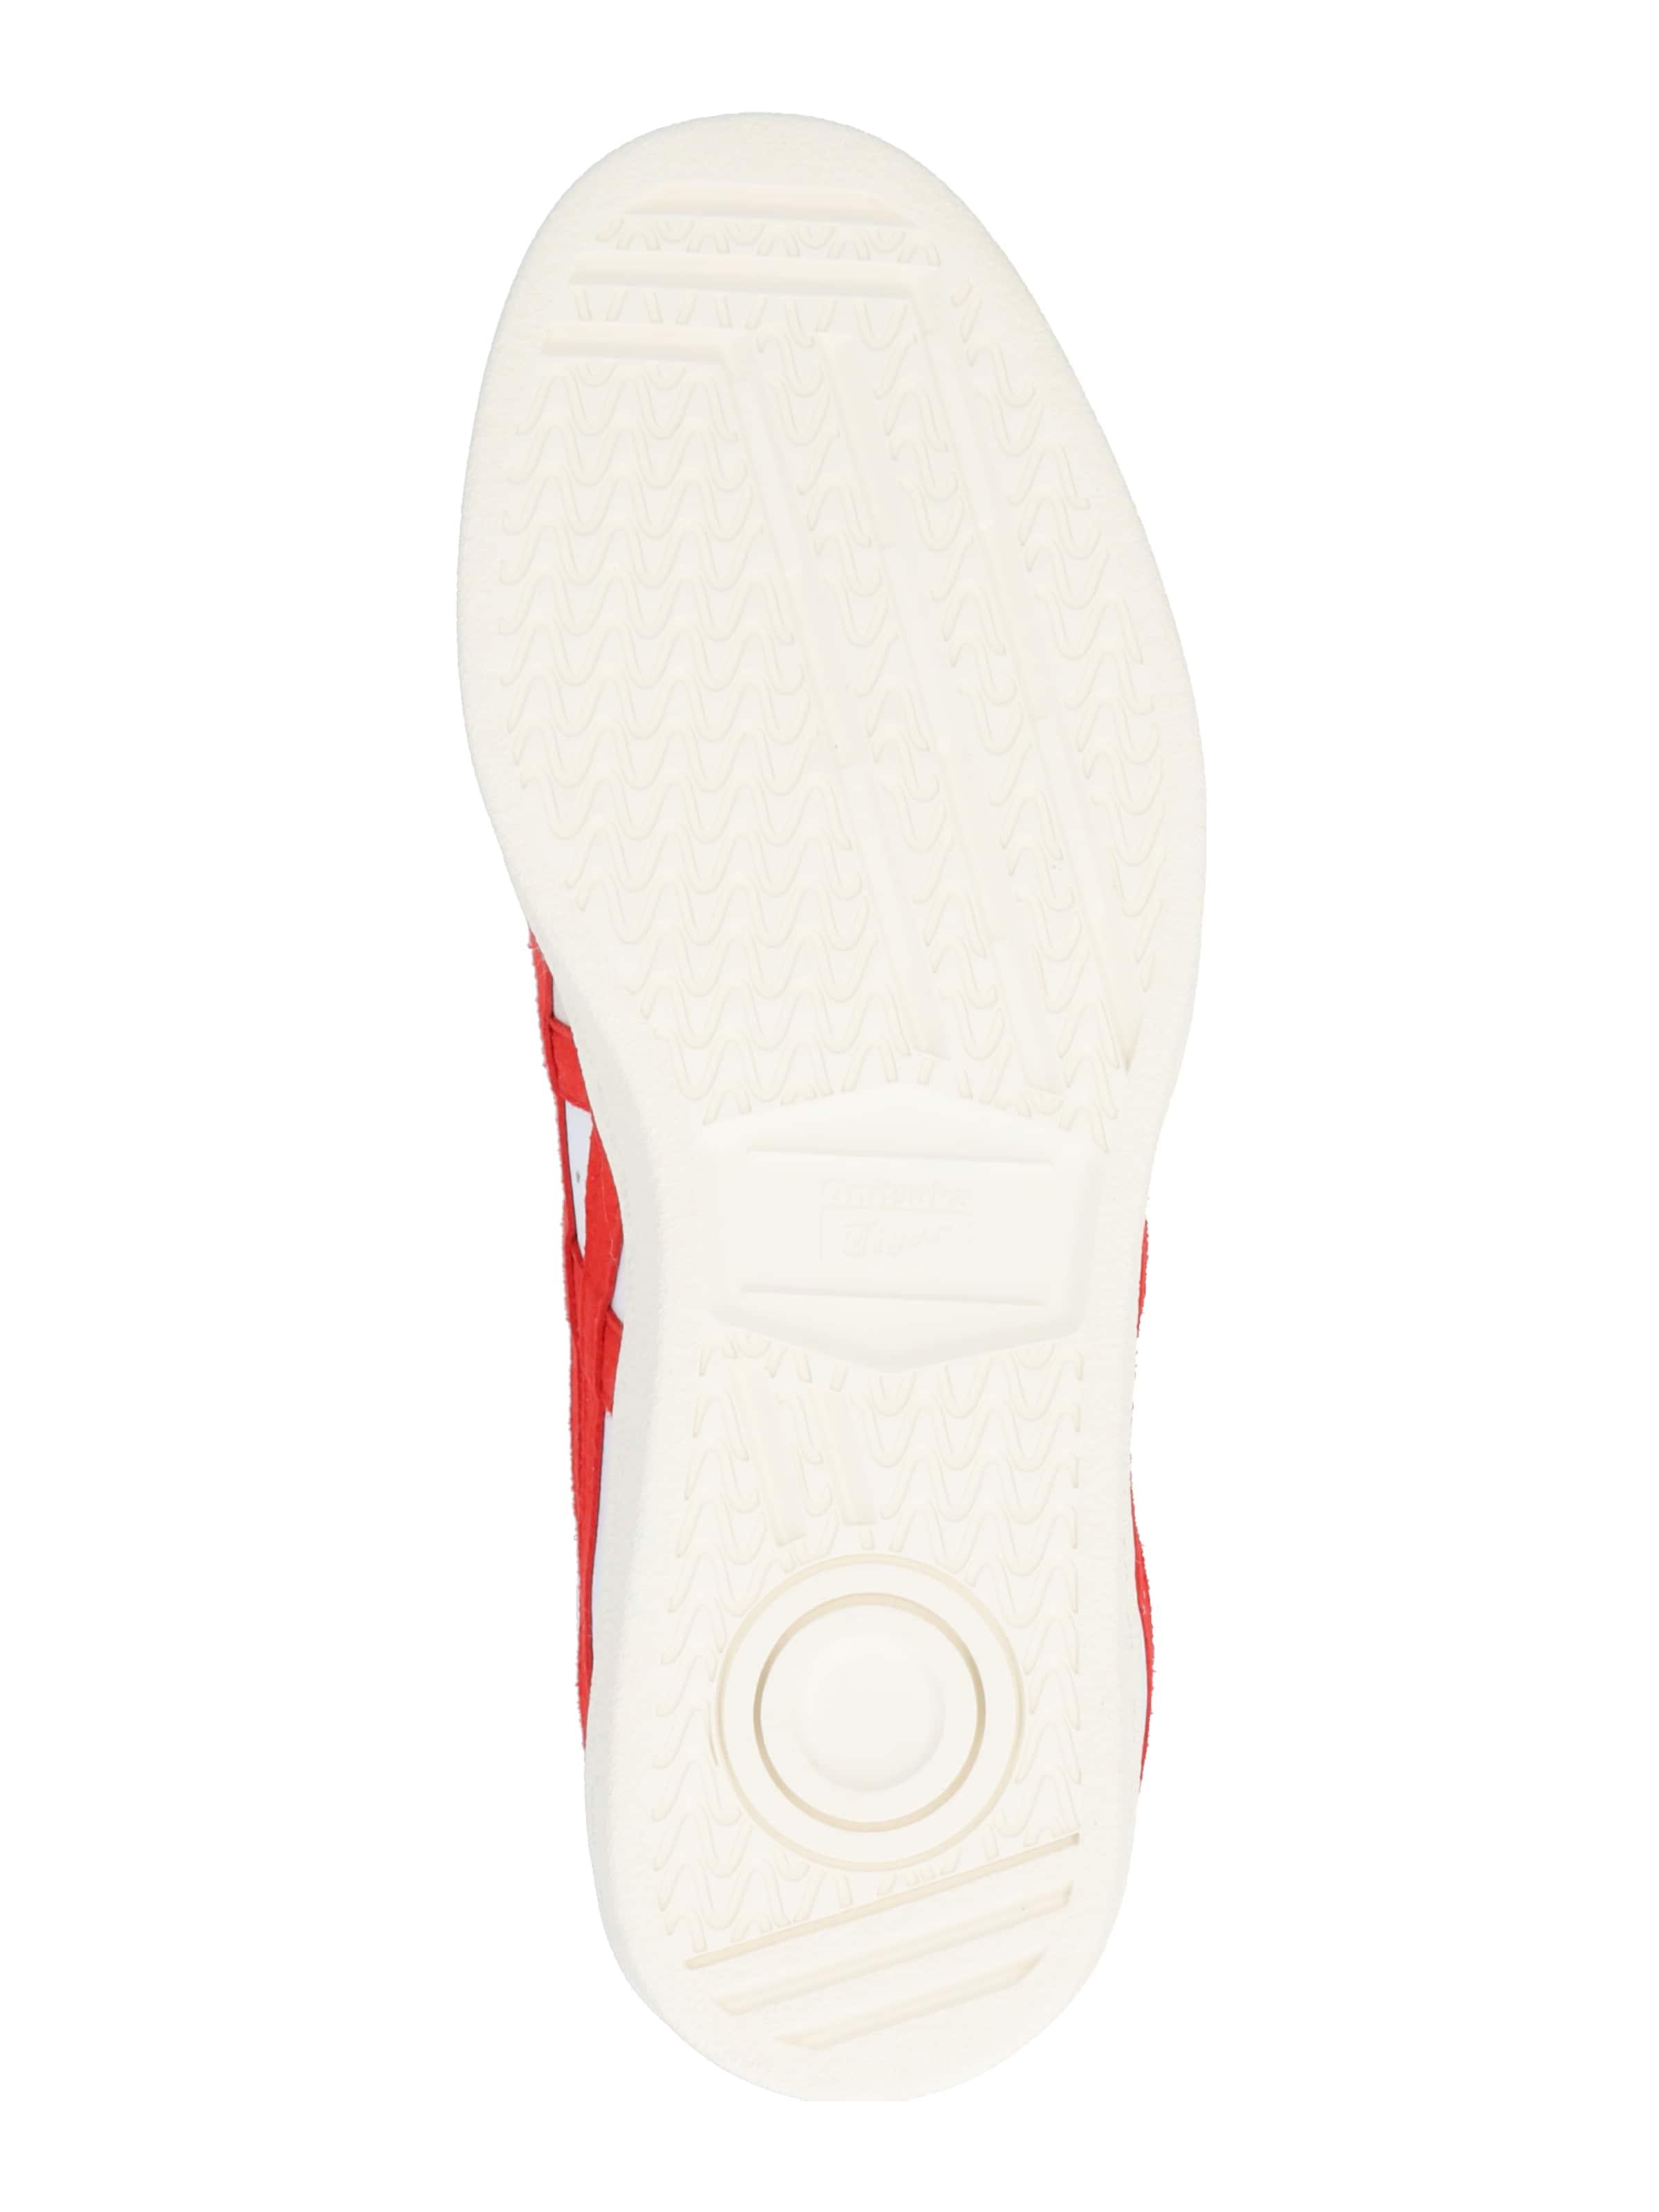 Onitsuka Tiger Rövid szárú edzőcipők 'GSM' bézs / piros / fehér színben